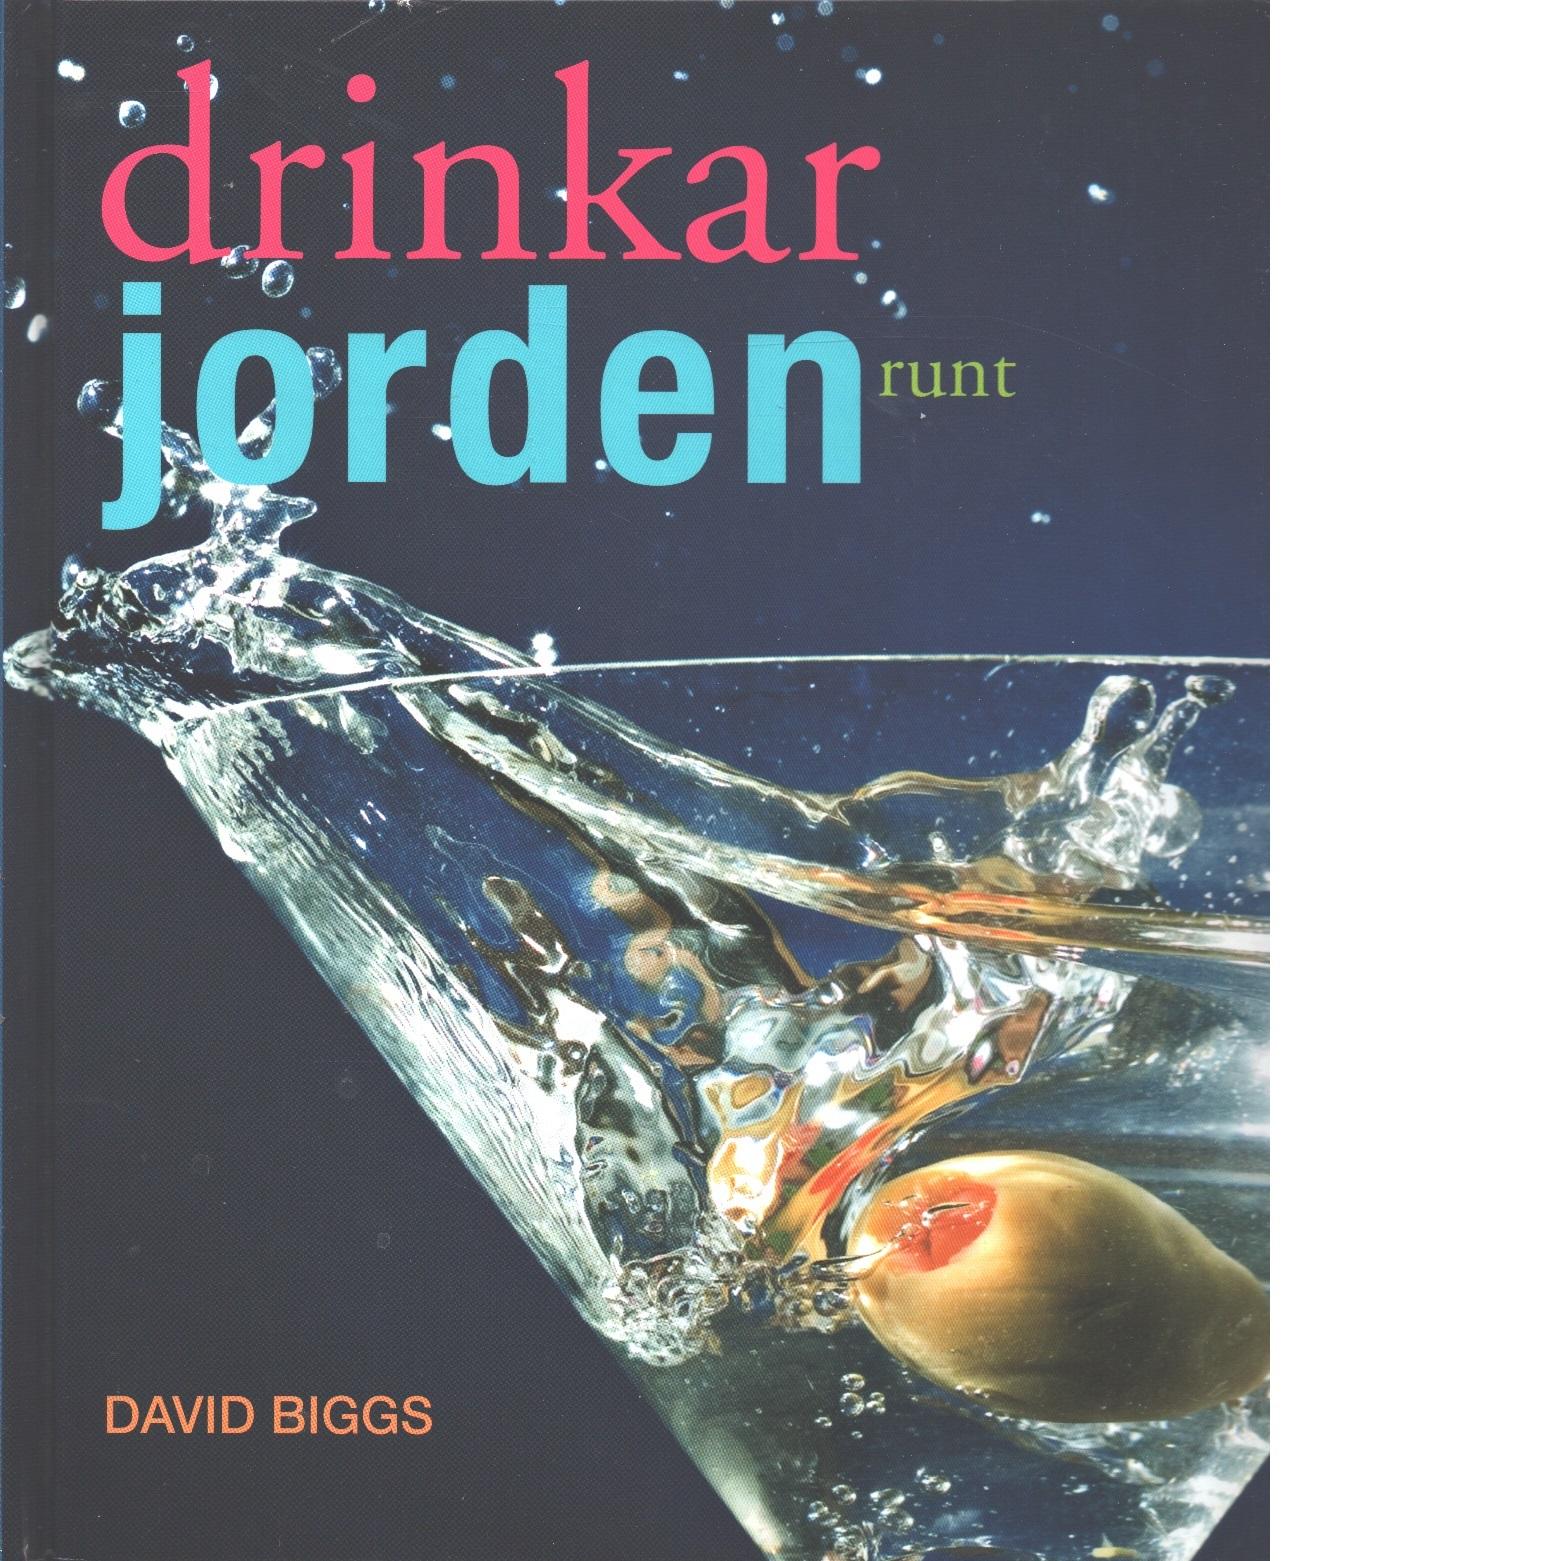 Drinkar jorden runt - Biggs, David